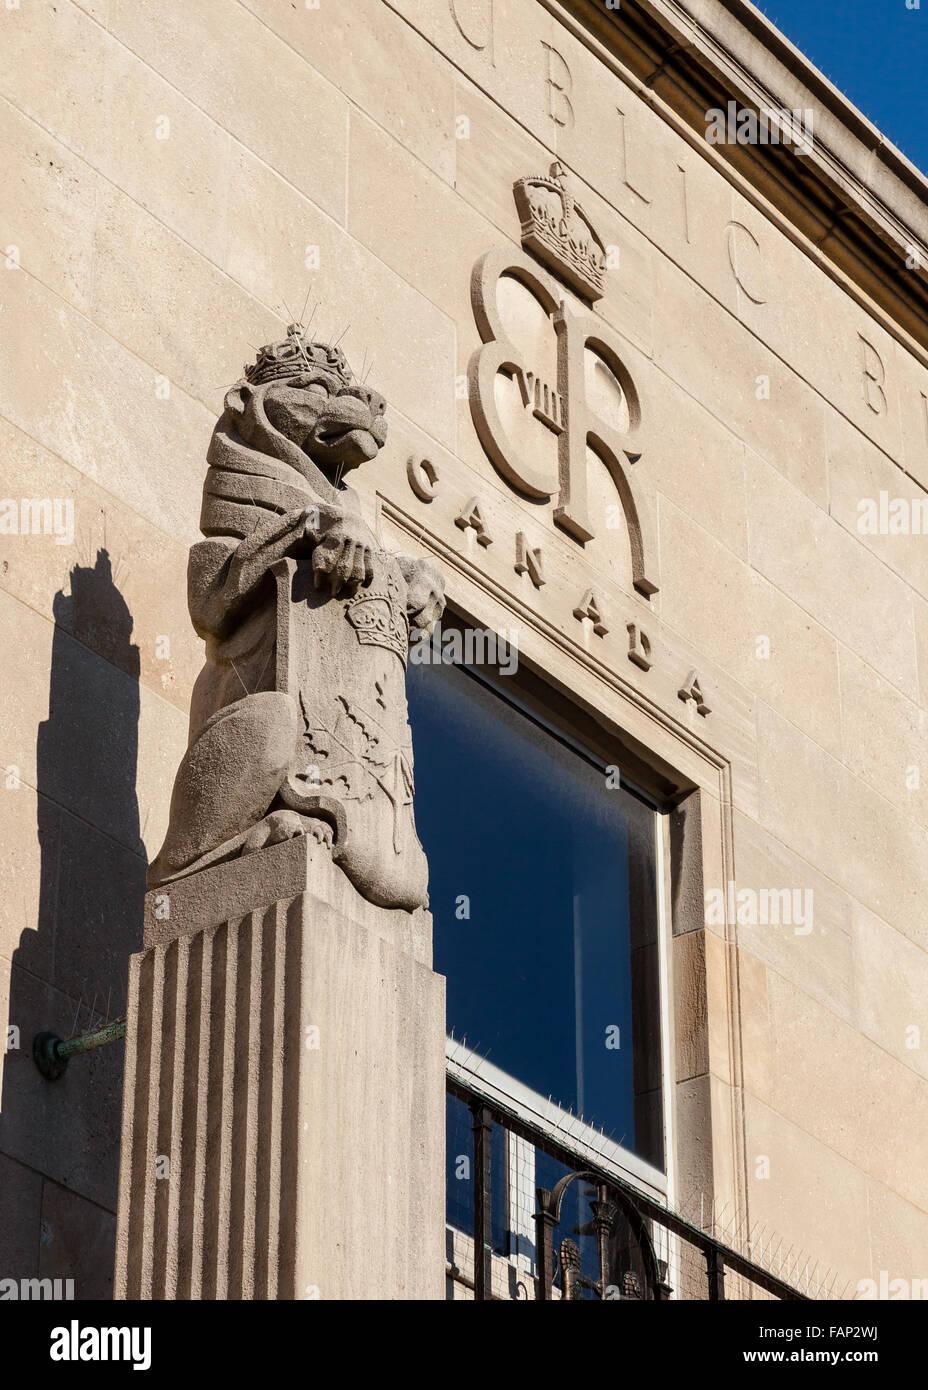 Art deco statues stock photos art deco statues stock for Art deco architectural details